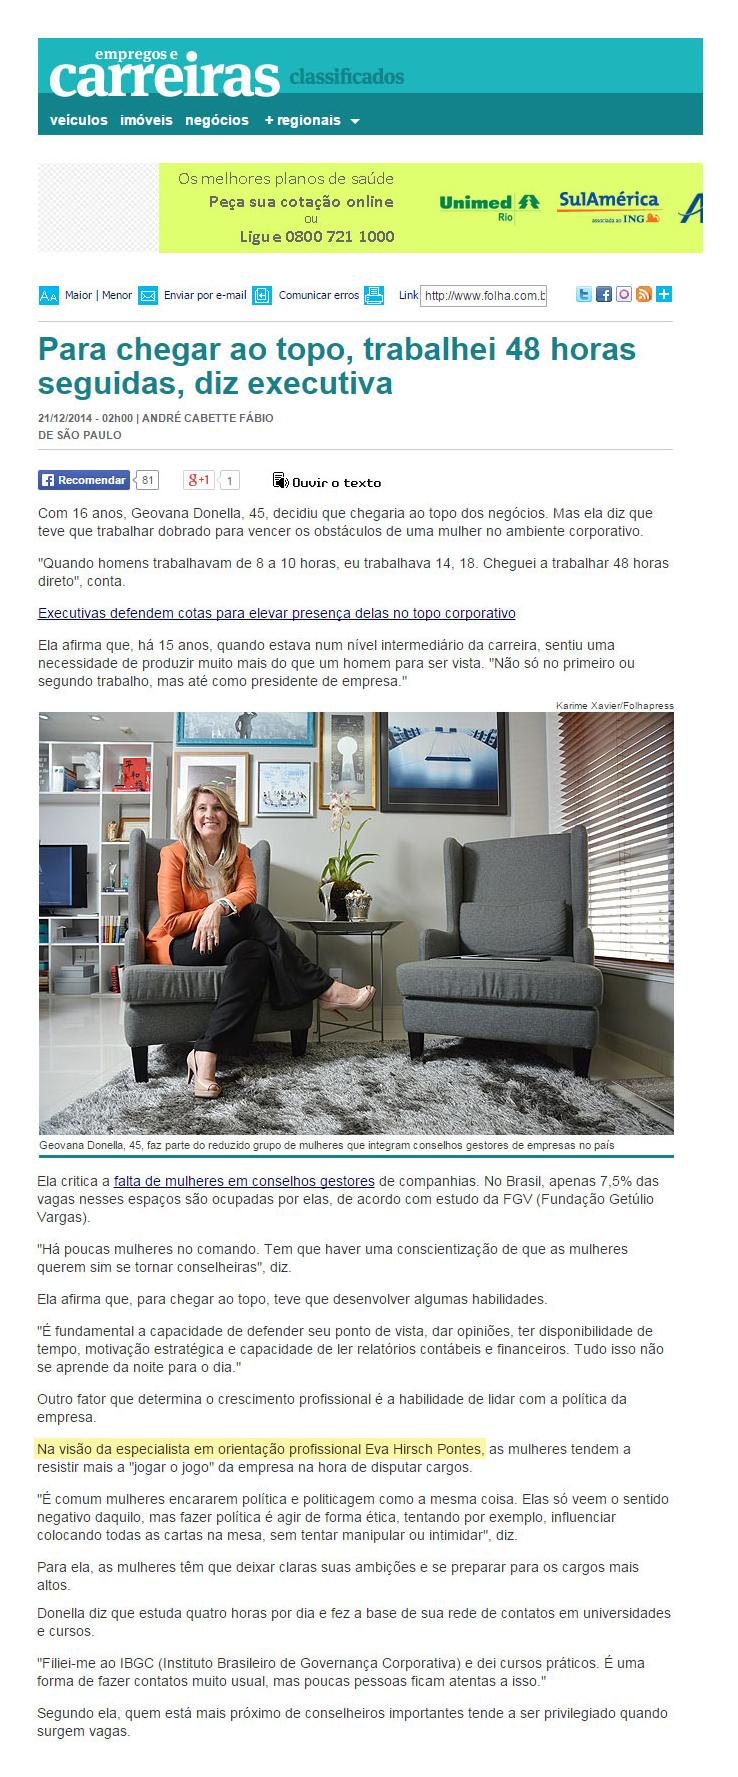 Folha de S Paulo_Empregos e Carreira_21